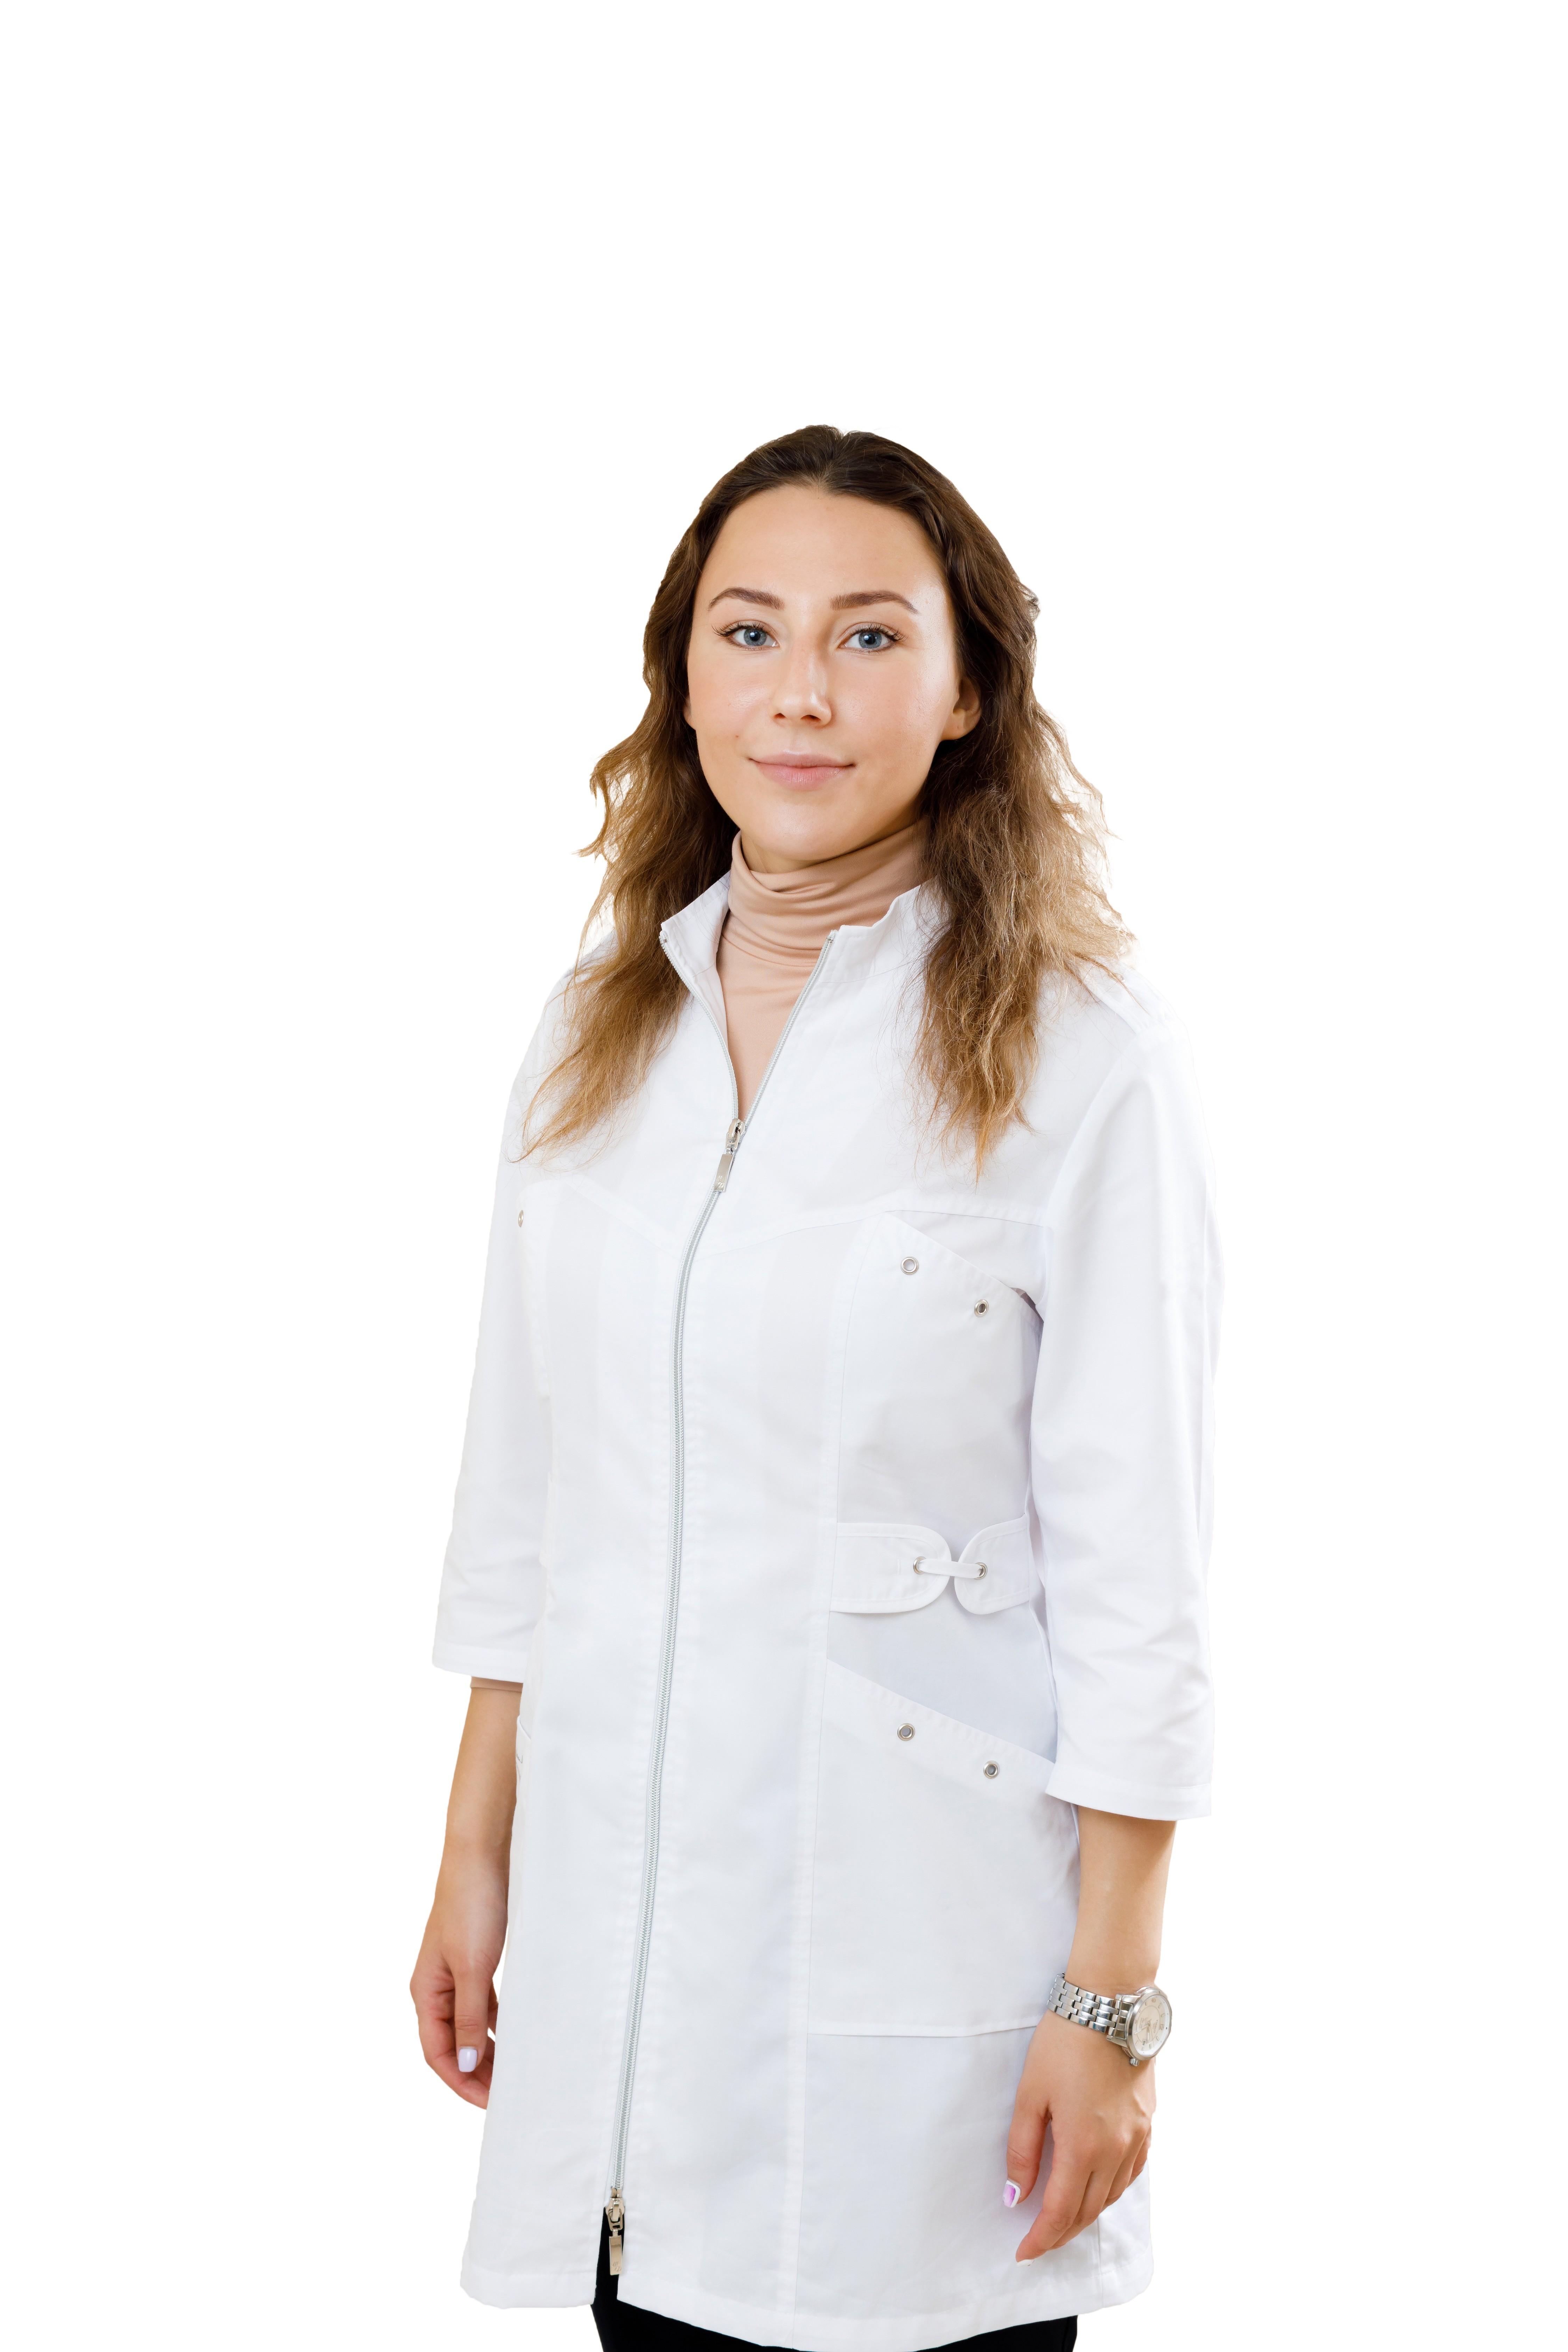 Анна Прокофьева,  медицинский психолог КДЦ МЕДСИ наБелорусской